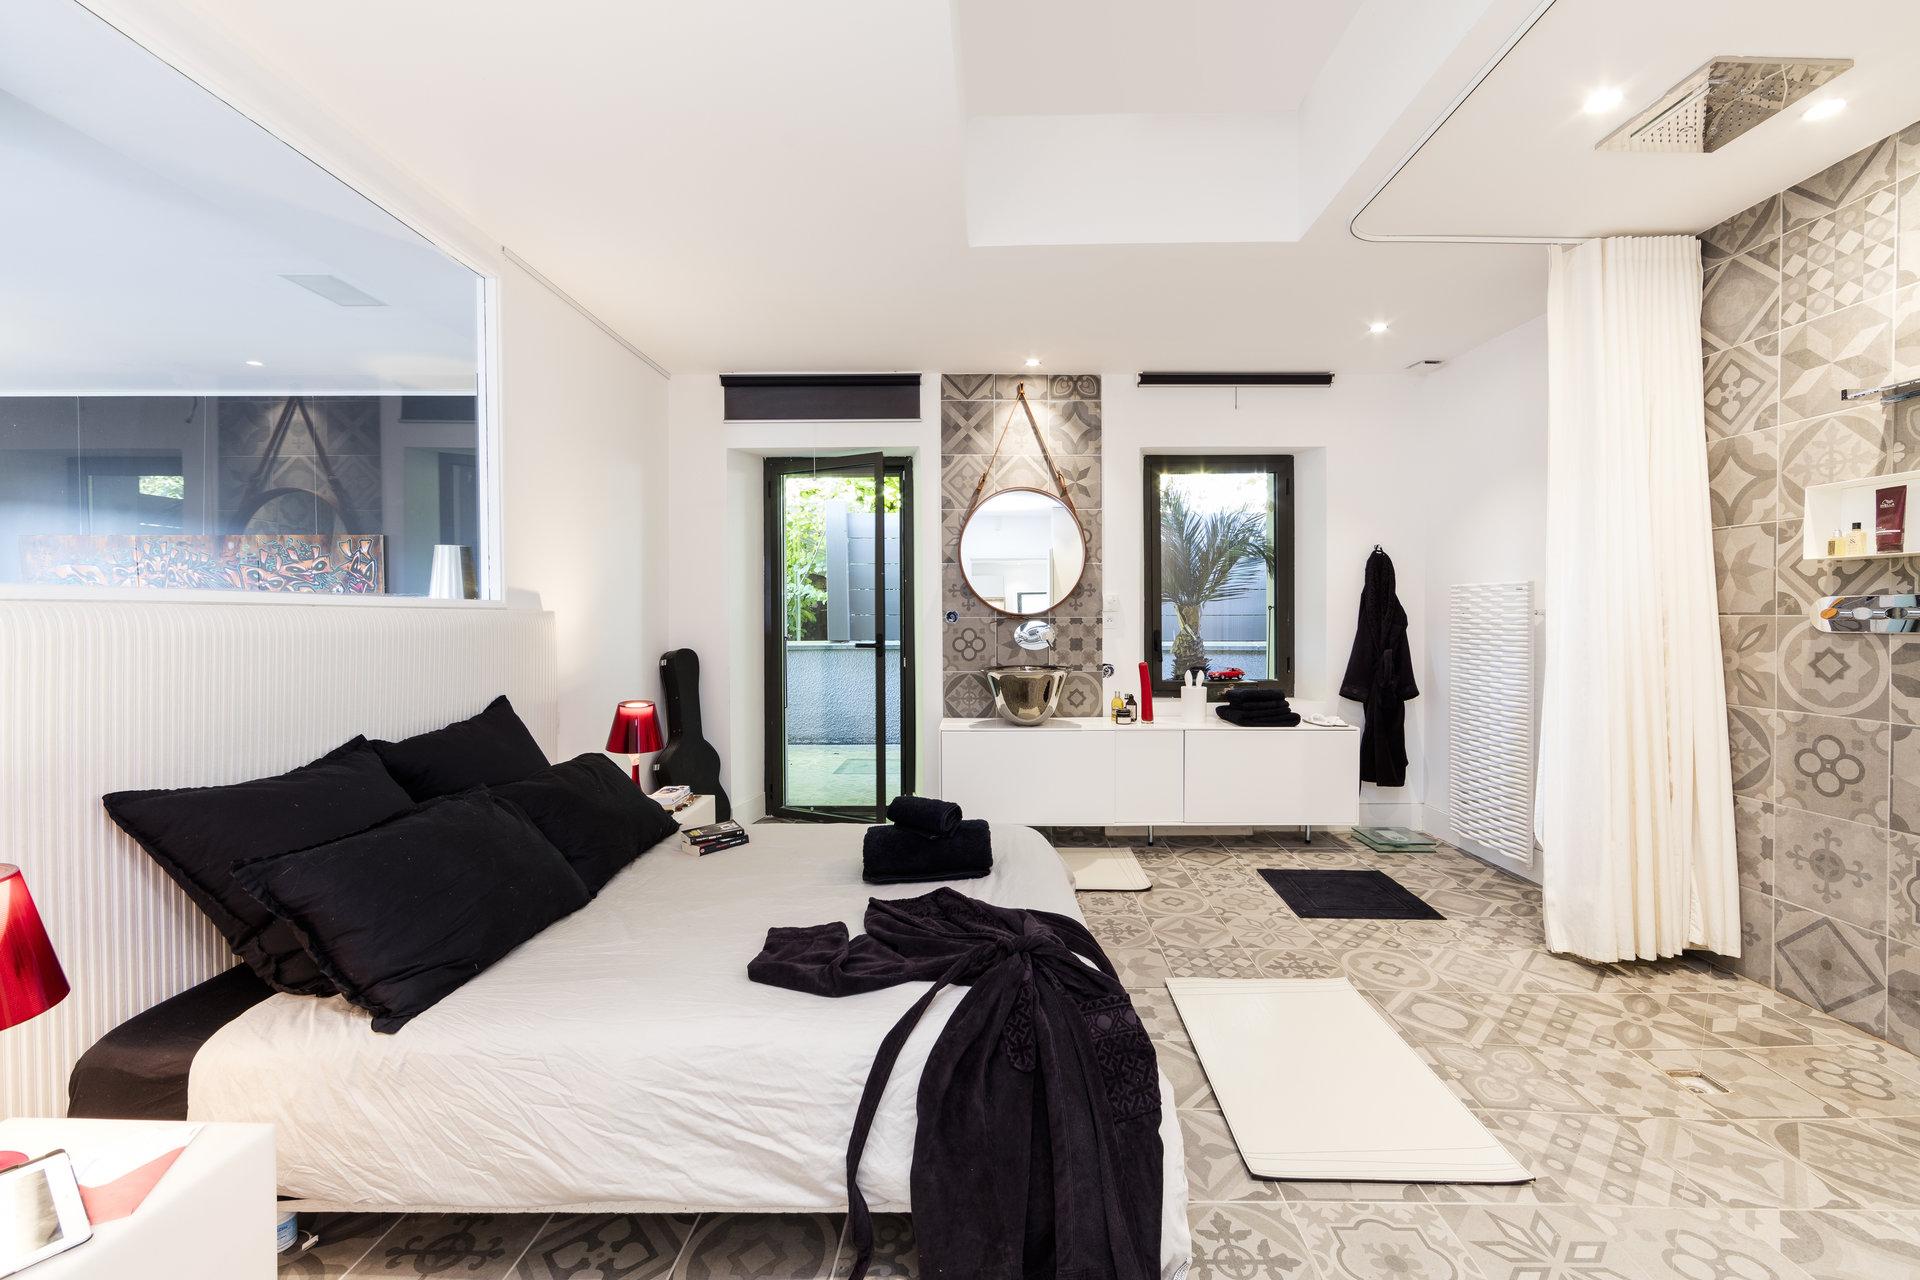 Exclusivité : superbe rénovation en limite d' Annecy le Vieux